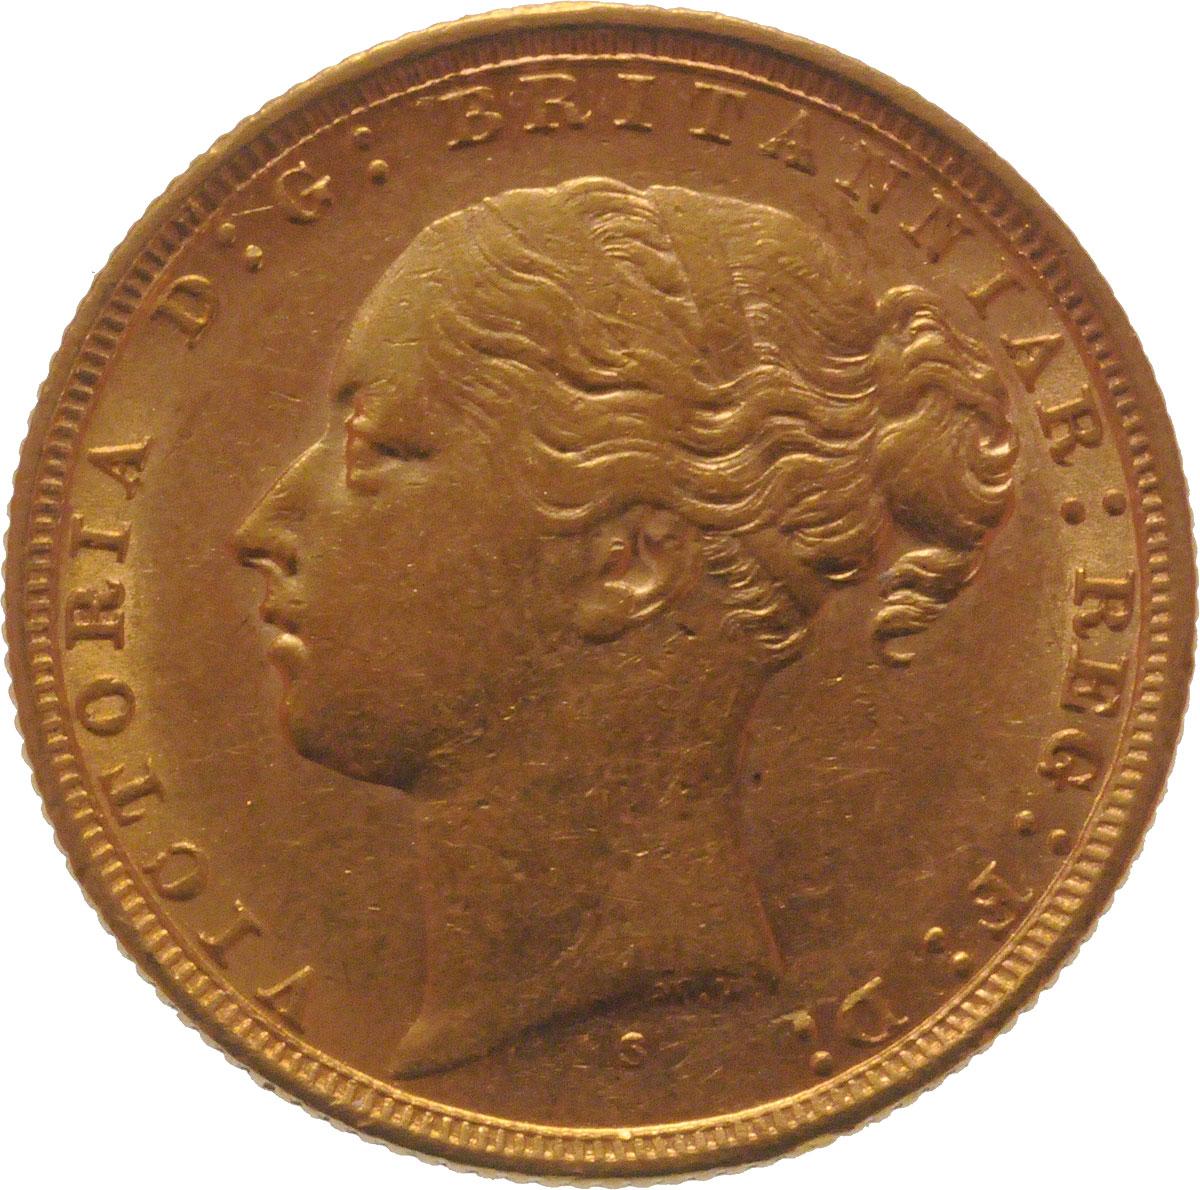 1884 Βικτώρια (Νομισματοκοπείο Σίδνεϊ)